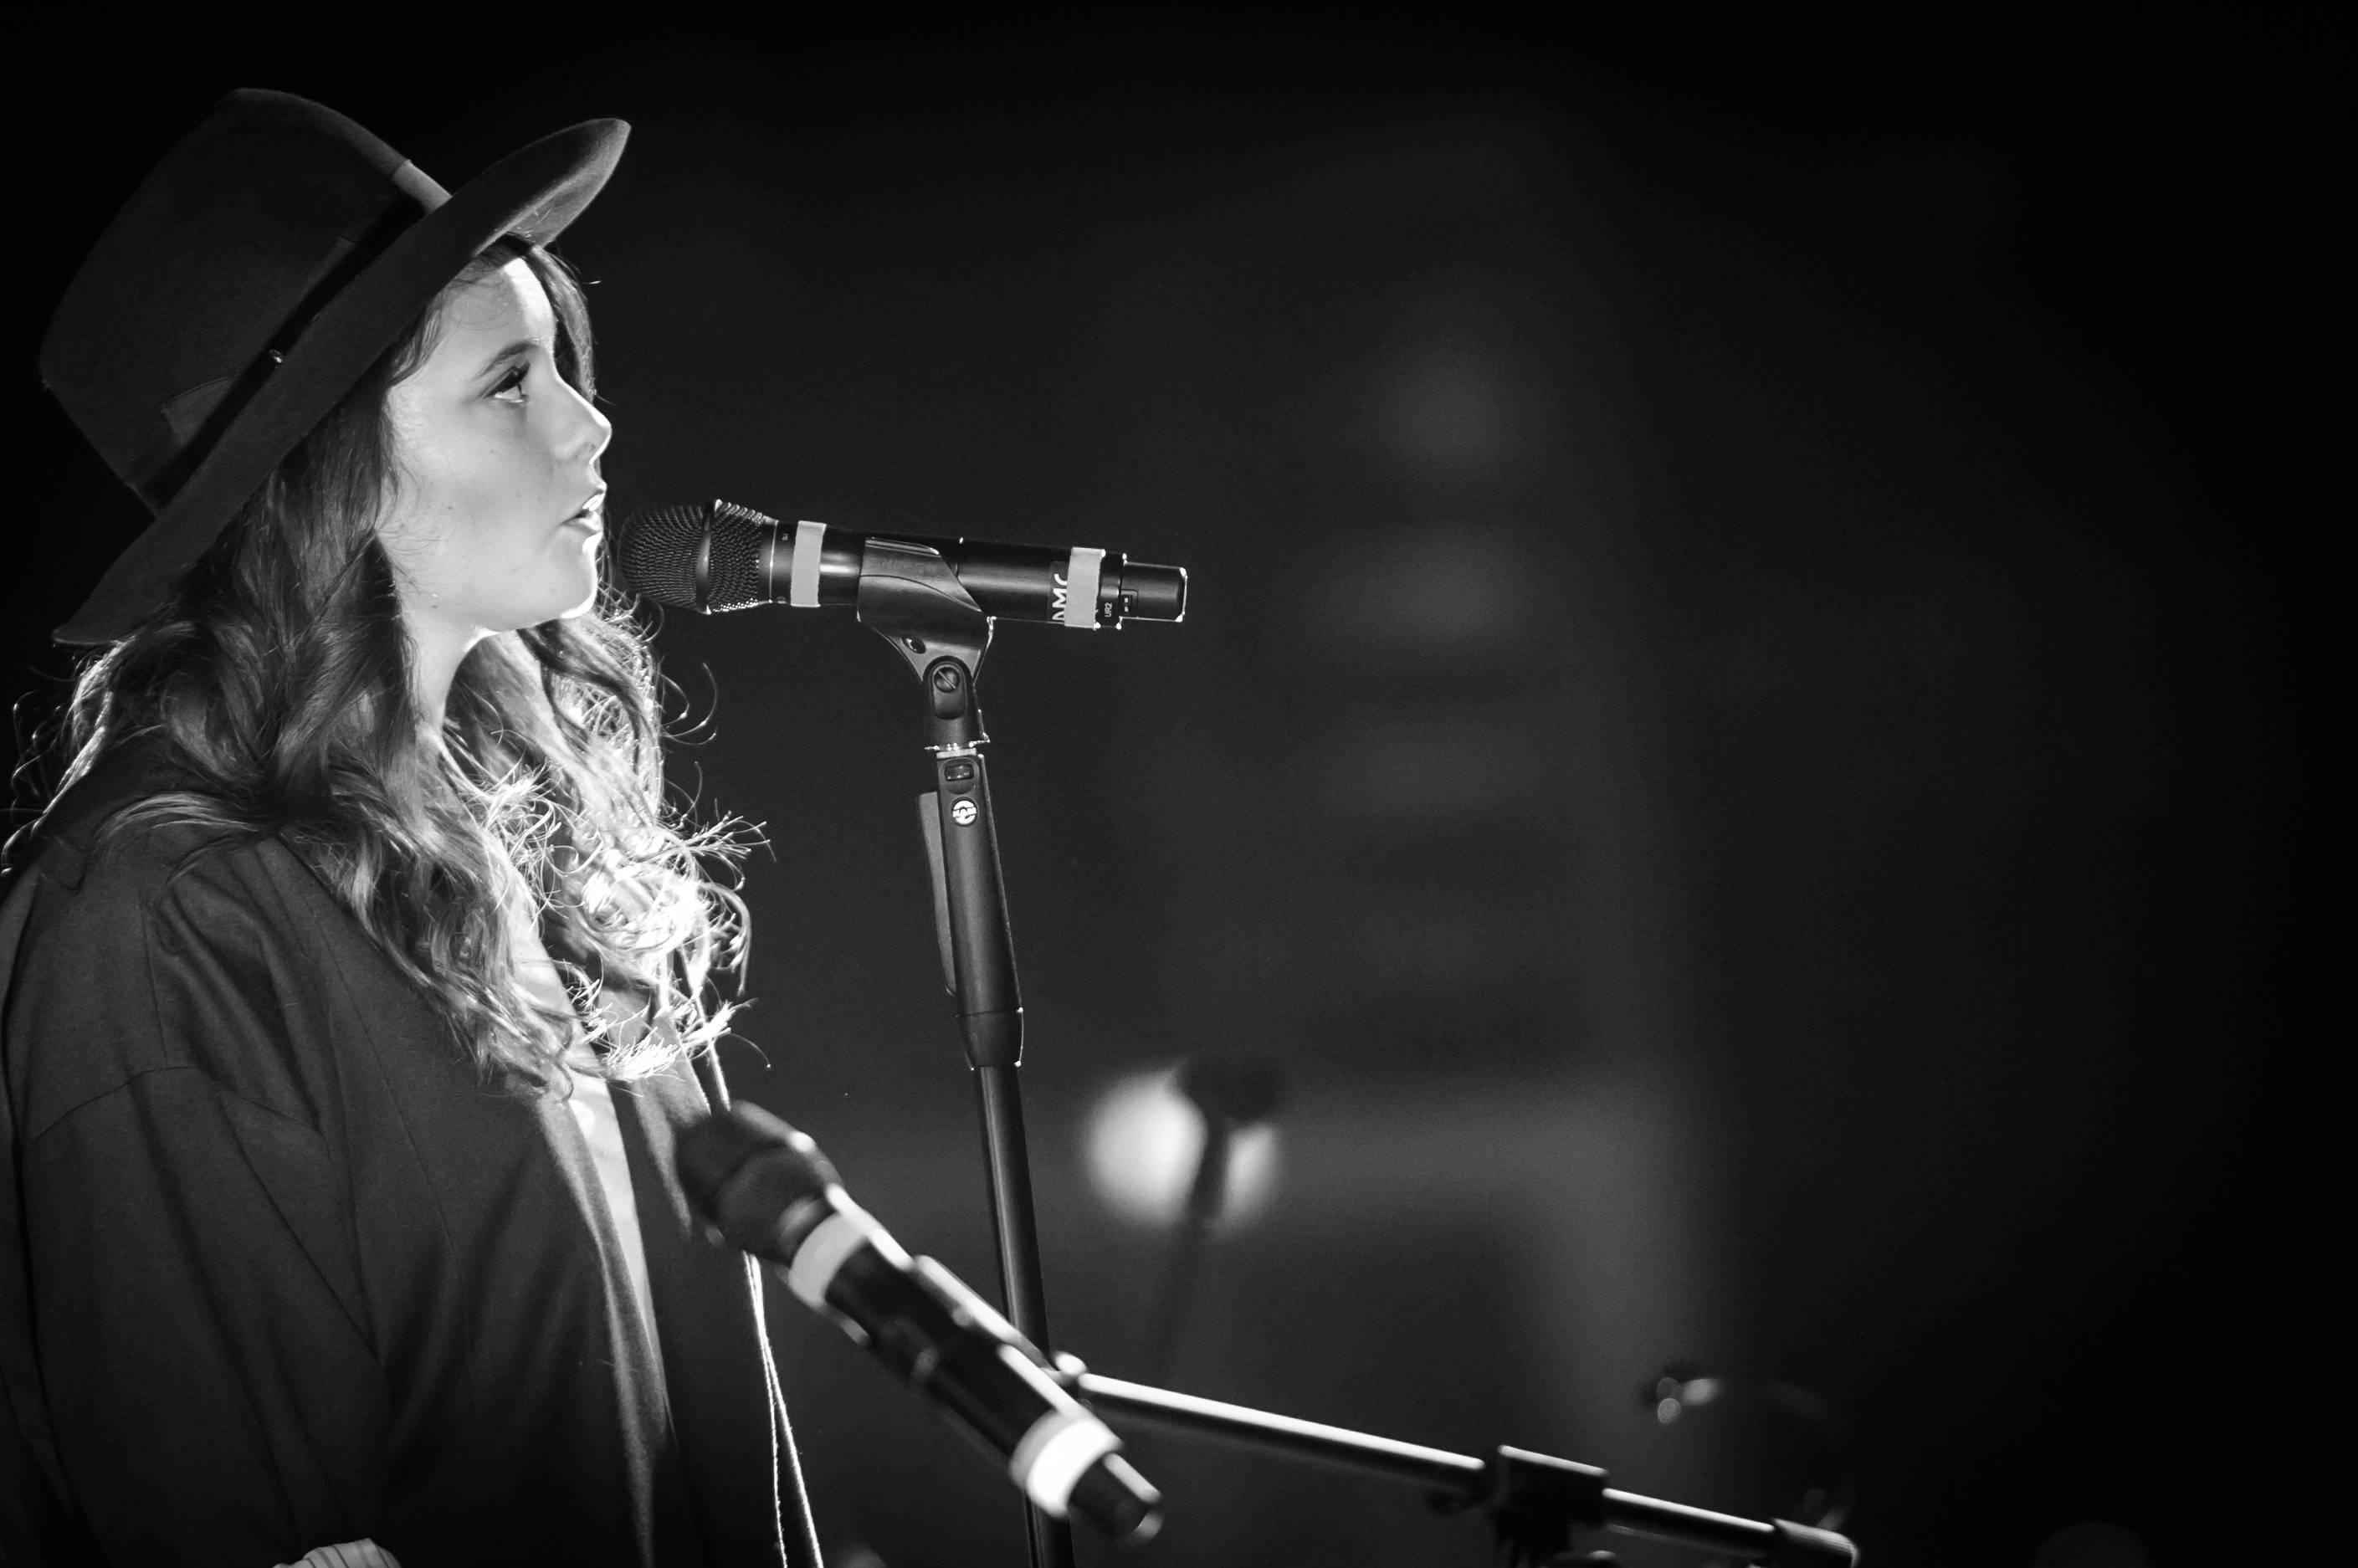 MILANO 21/10/2015 FRANCESCA MICHIELIN UNICREDIT PAVILLION NELLA FOTO FRANCESCA MICHIELIN FOTO:PRANDONI FRANCESCO *** Local Caption *** Francesca Michielin (Bassano del Grappa, 25 febbraio 1995)  una cantautrice italiana. Ha raggiunto la notorietˆ nel 2011 in seguito alla partecipazione e vittoria della quinta edizione del talent show X Factor.[2][3][4] Ad oggi, dopo la realizzazione solista di un EP, un album in studio e otto singoli, la FIMI certifica le sue vendite complessive per pi di 385.000 copie.[5] Durante la sua carriera ha vinto anche un Premio Videoclip Italiano, un Wind Music Awards ed un Premio Lunezia.